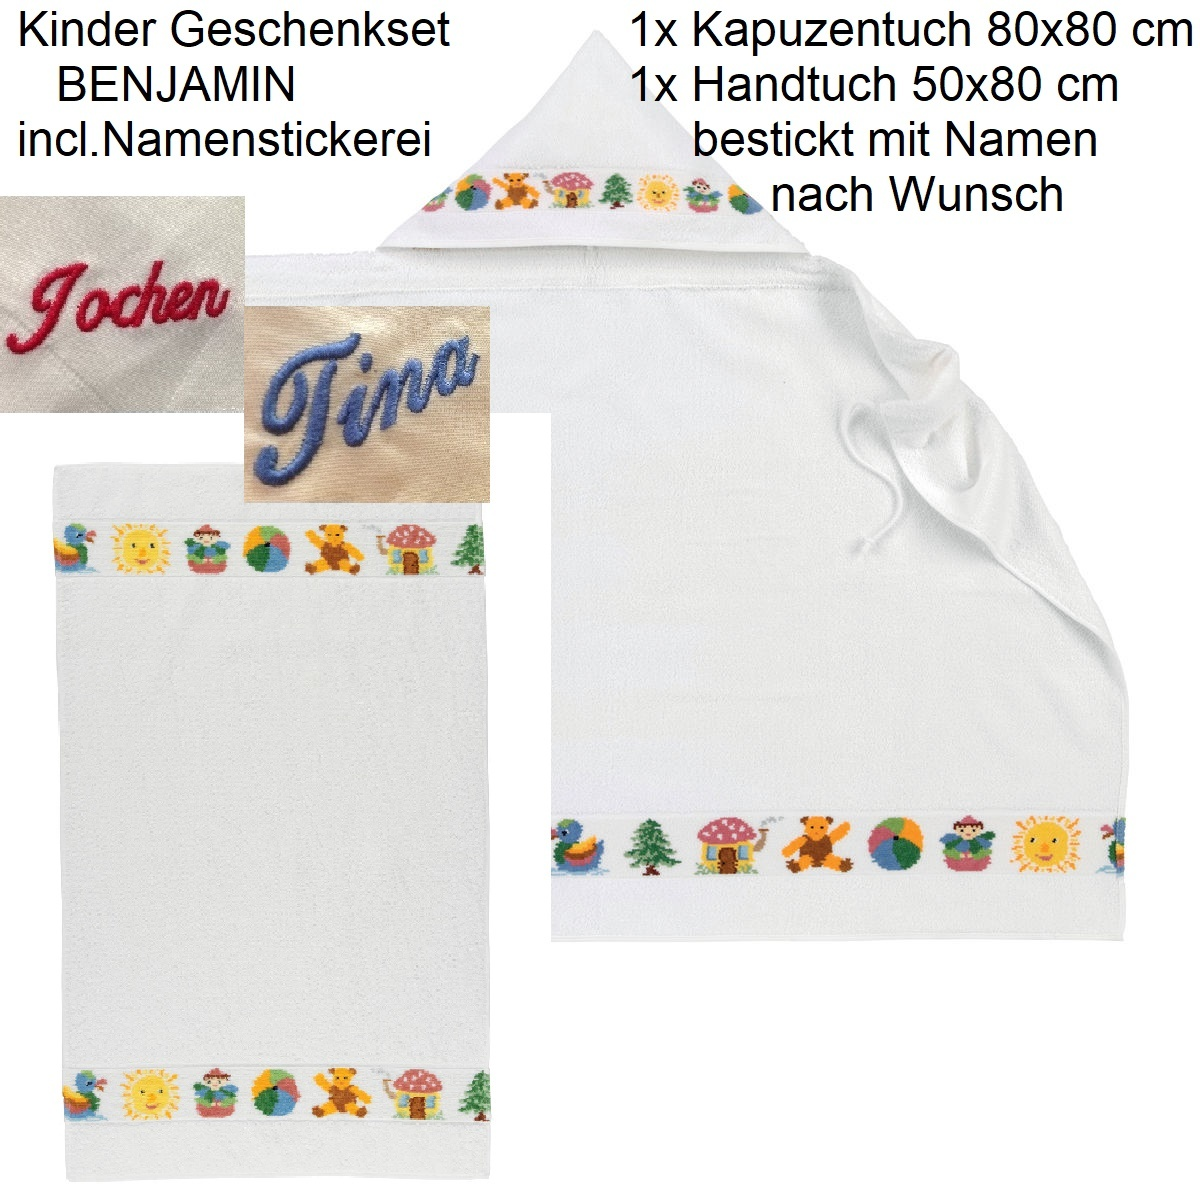 Feiler  Feiler Baby Set mit Stickerei(Set 1Handtuch,Kapuzentuch 80x80) inclusive Stickerei